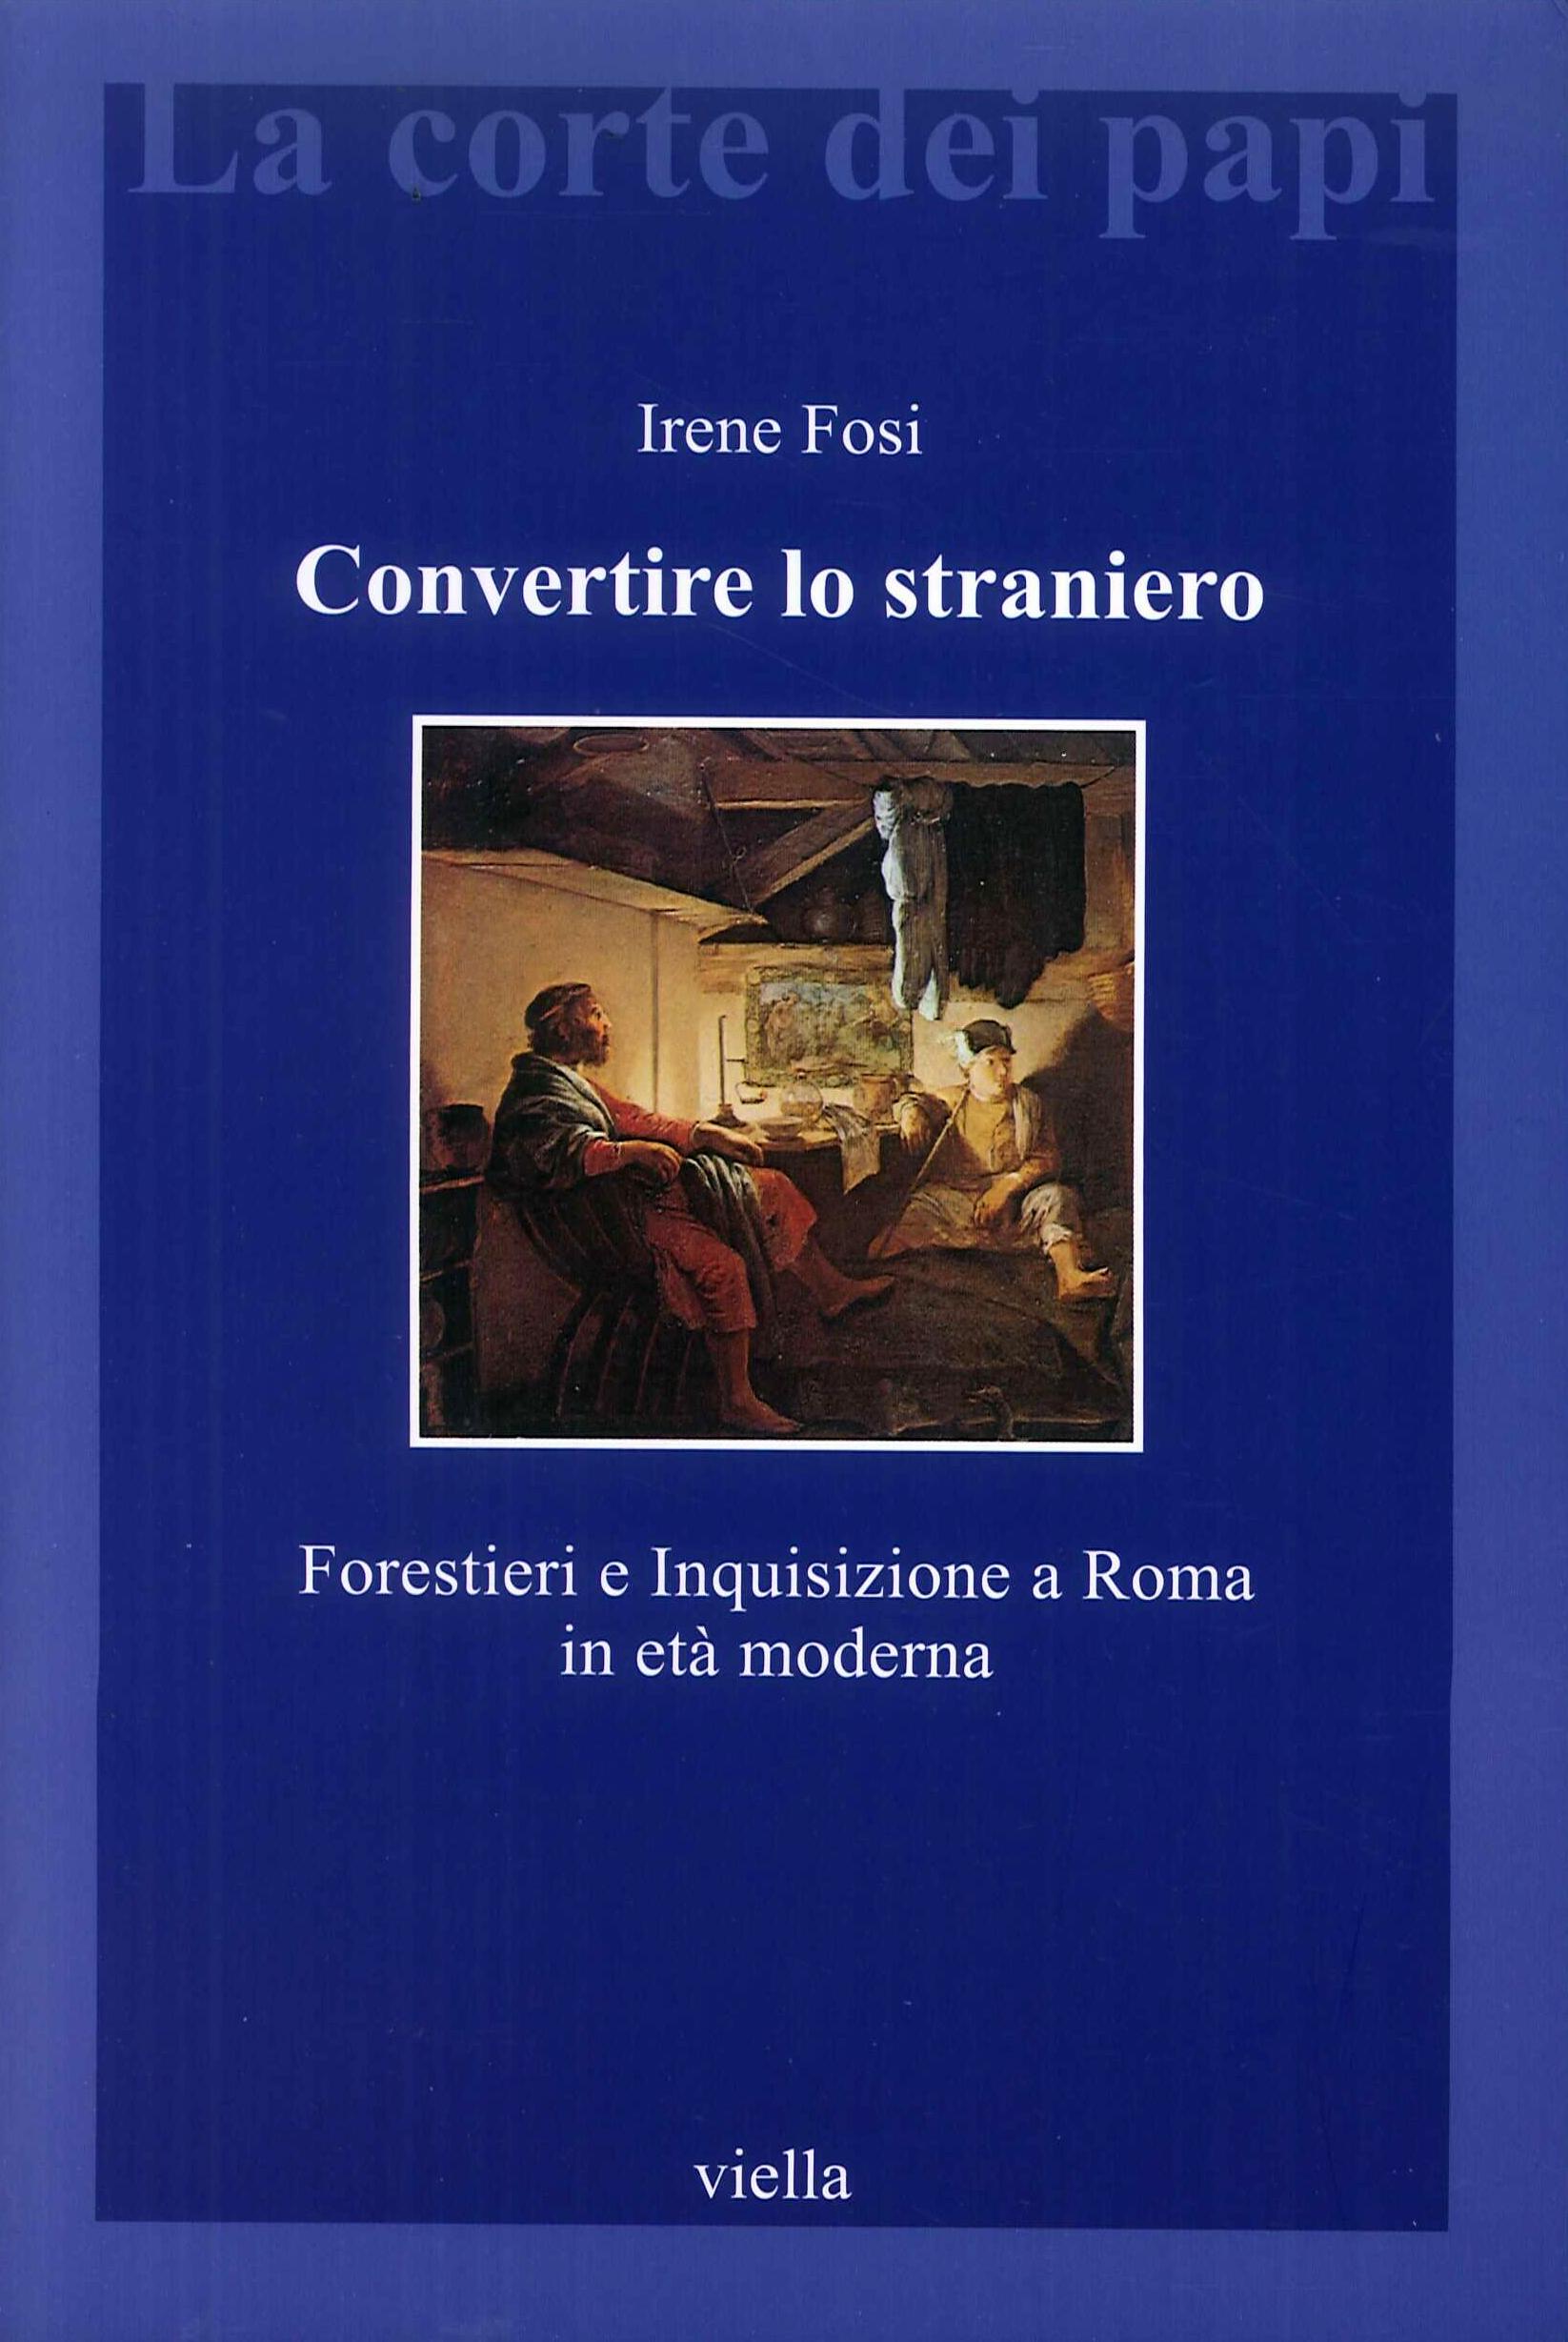 Convertire lo straniero. Forestieri e inquisizione a Roma in età moderna.